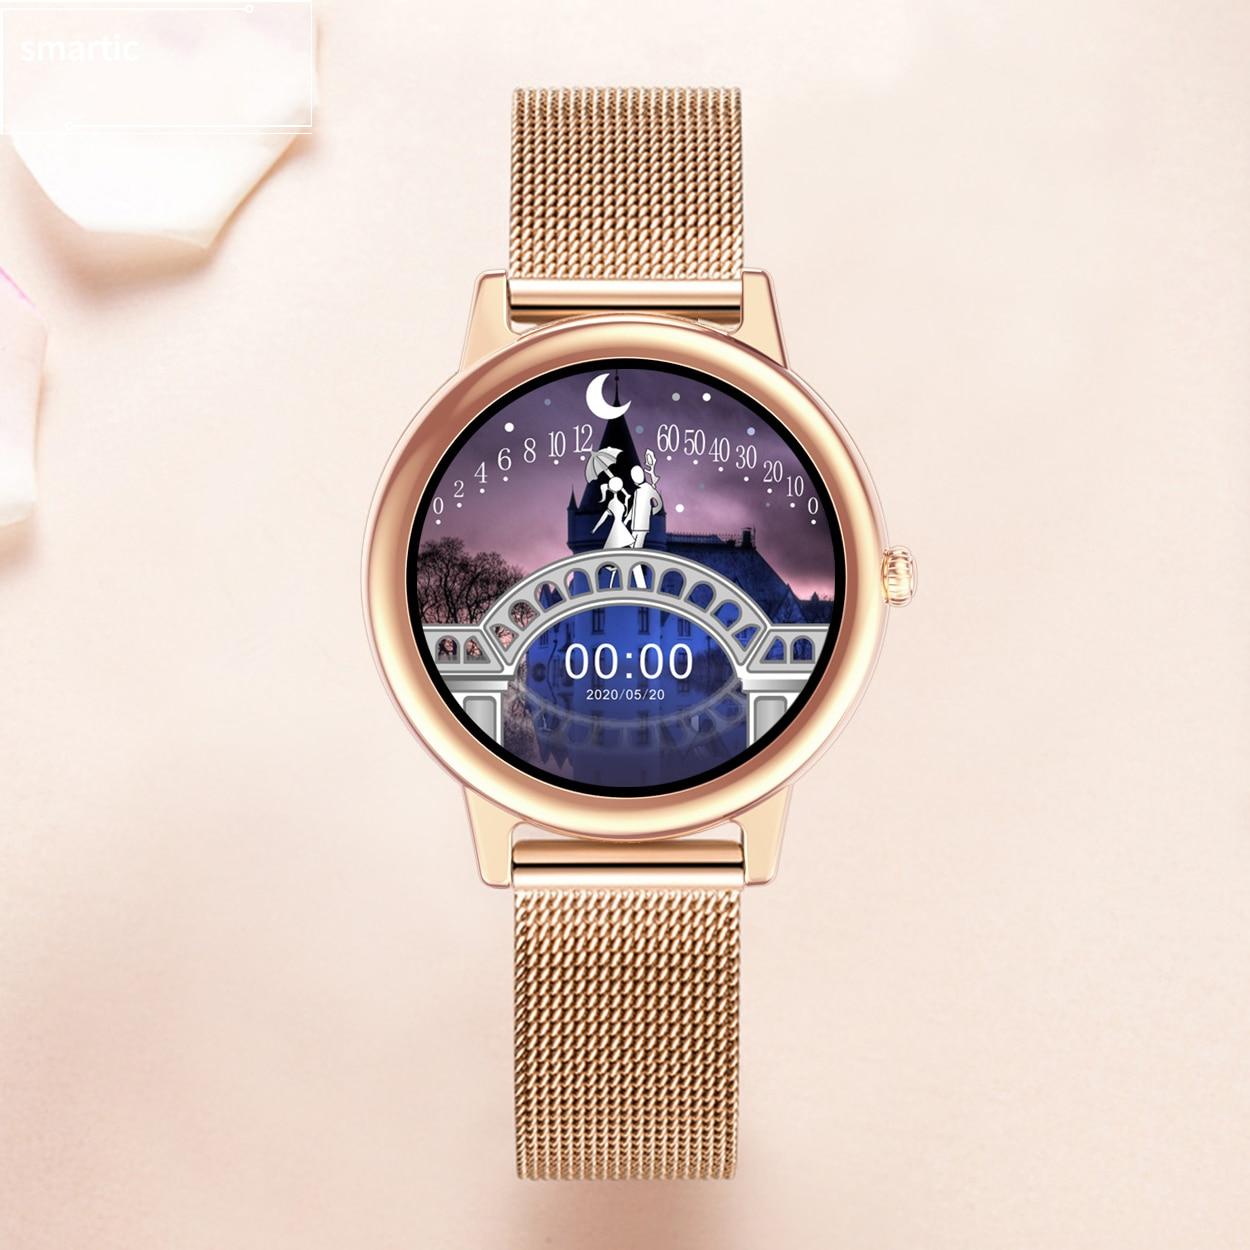 Smartic Smart Watch Men Fitness Bracelet Bluetooth Smartwatch Women IP68 Full Touch Sport Digital Wa